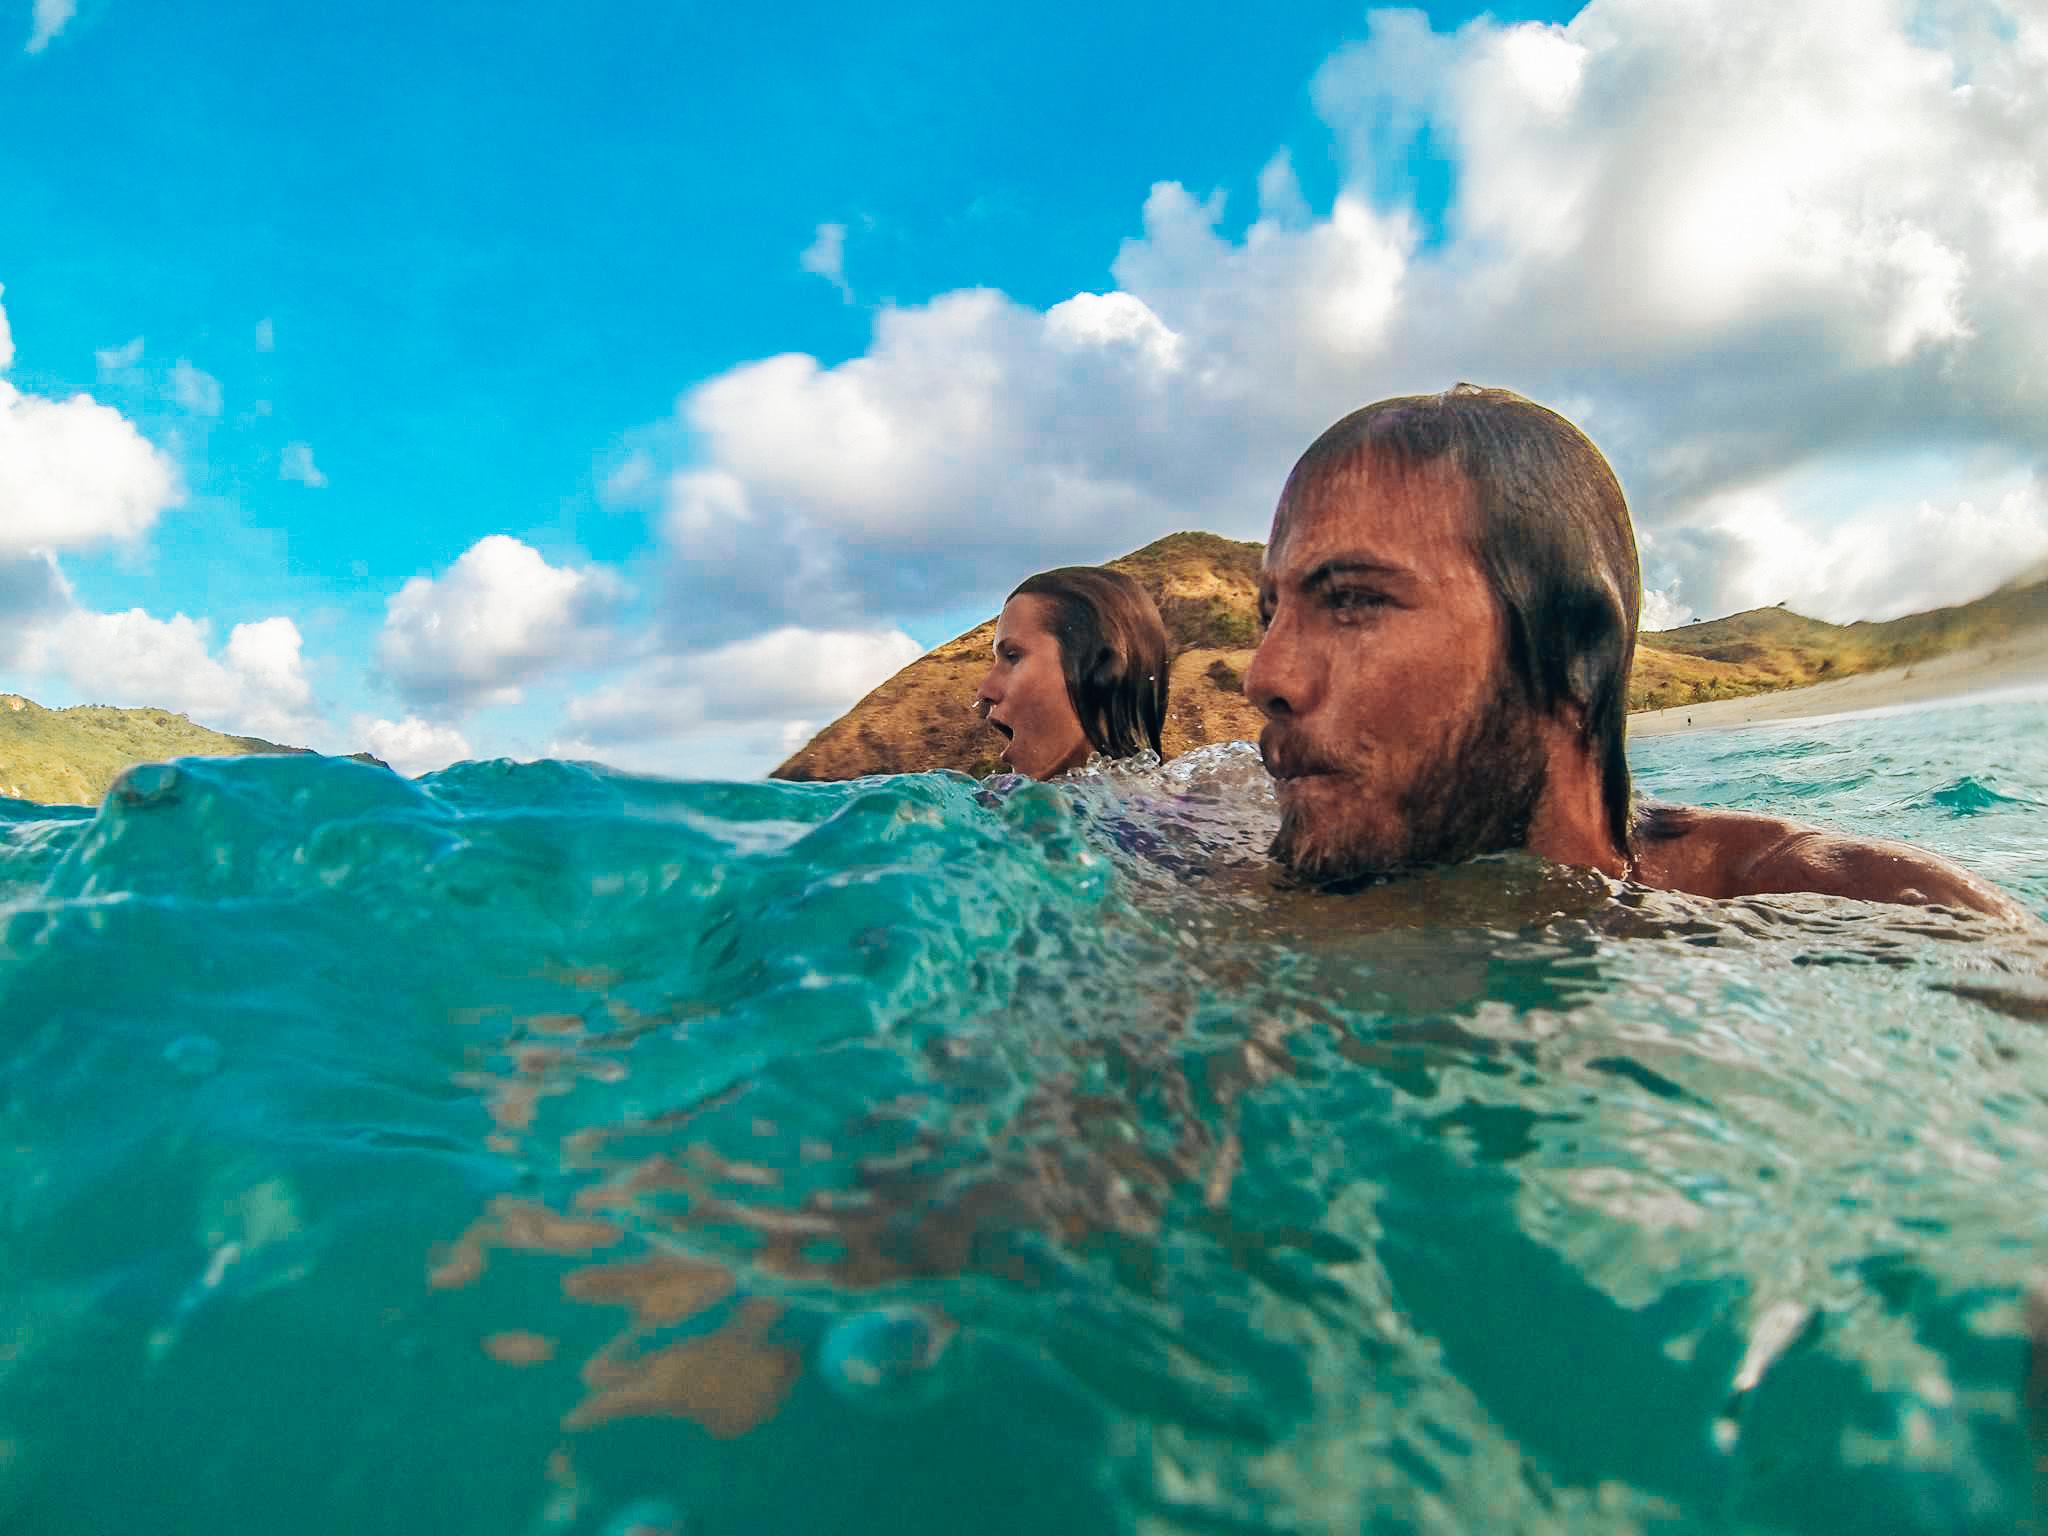 Surf & swim world renowned Echo Beach